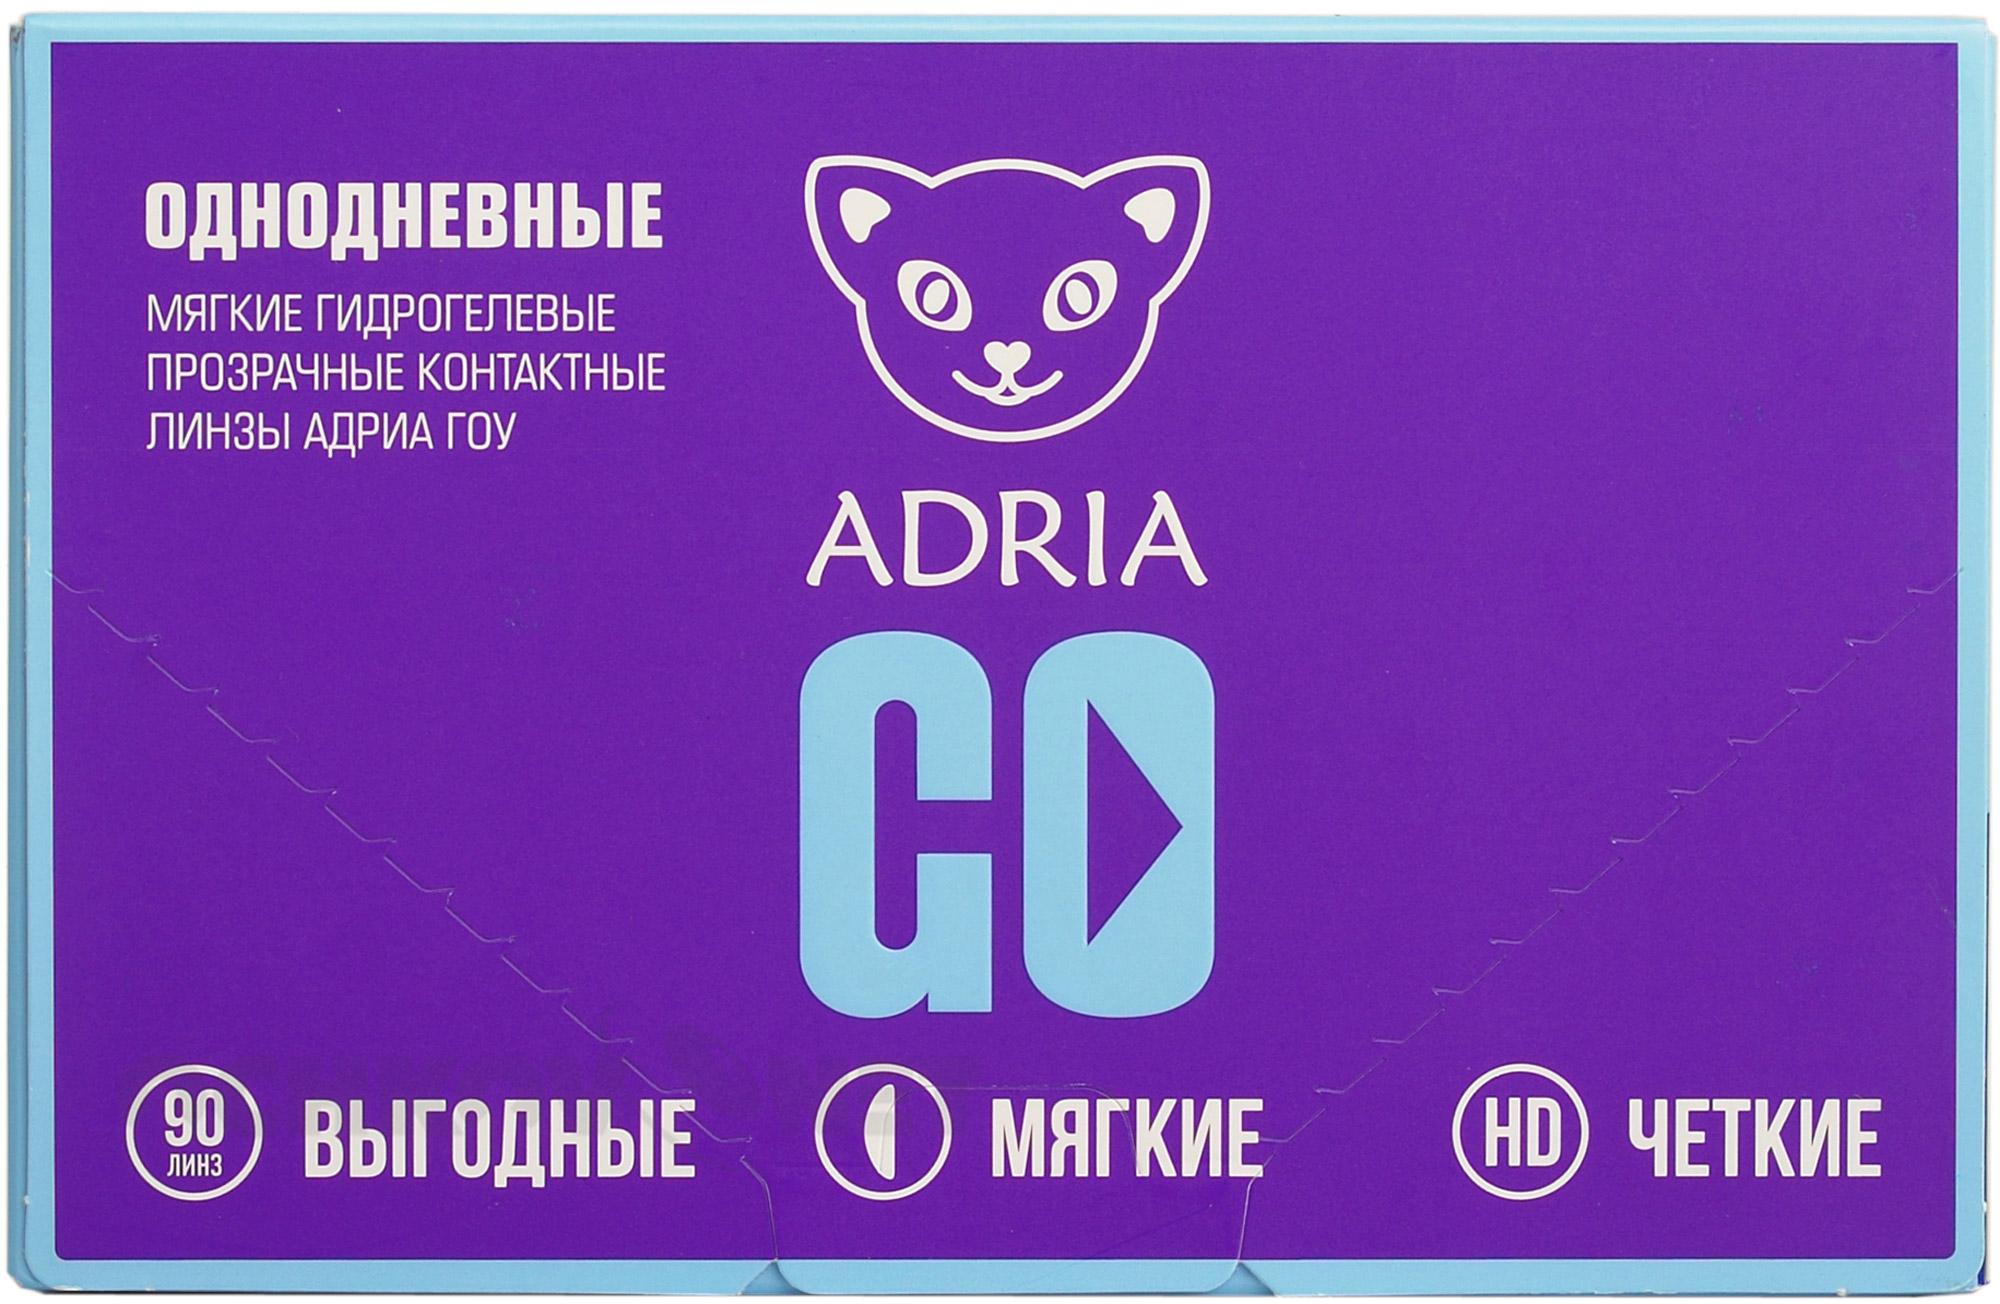 Контактные линзы Adria GO 90 линз Interojo